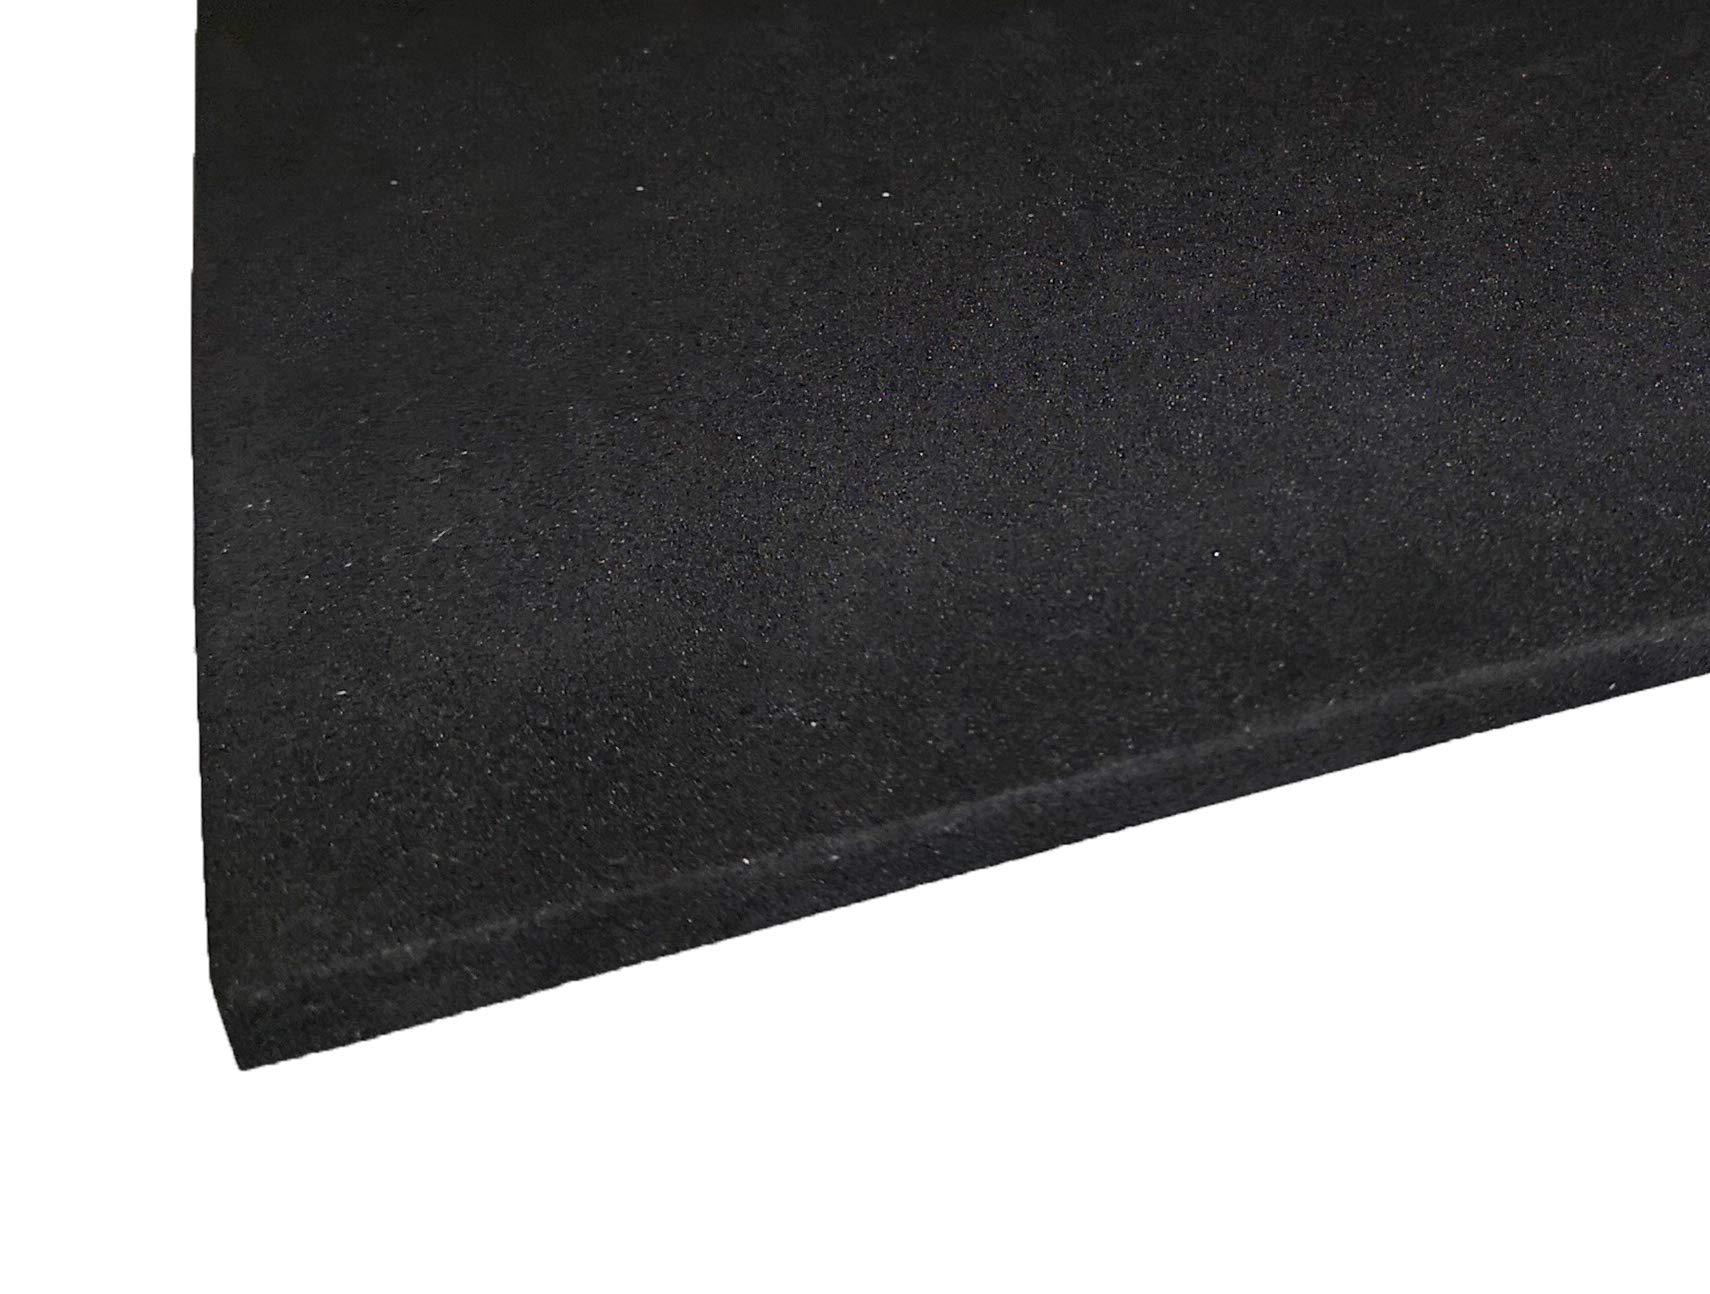 Black Neoprene Plain Sponge//Foam Rubber Sheet 250MM X 250MM X 3MM Thick